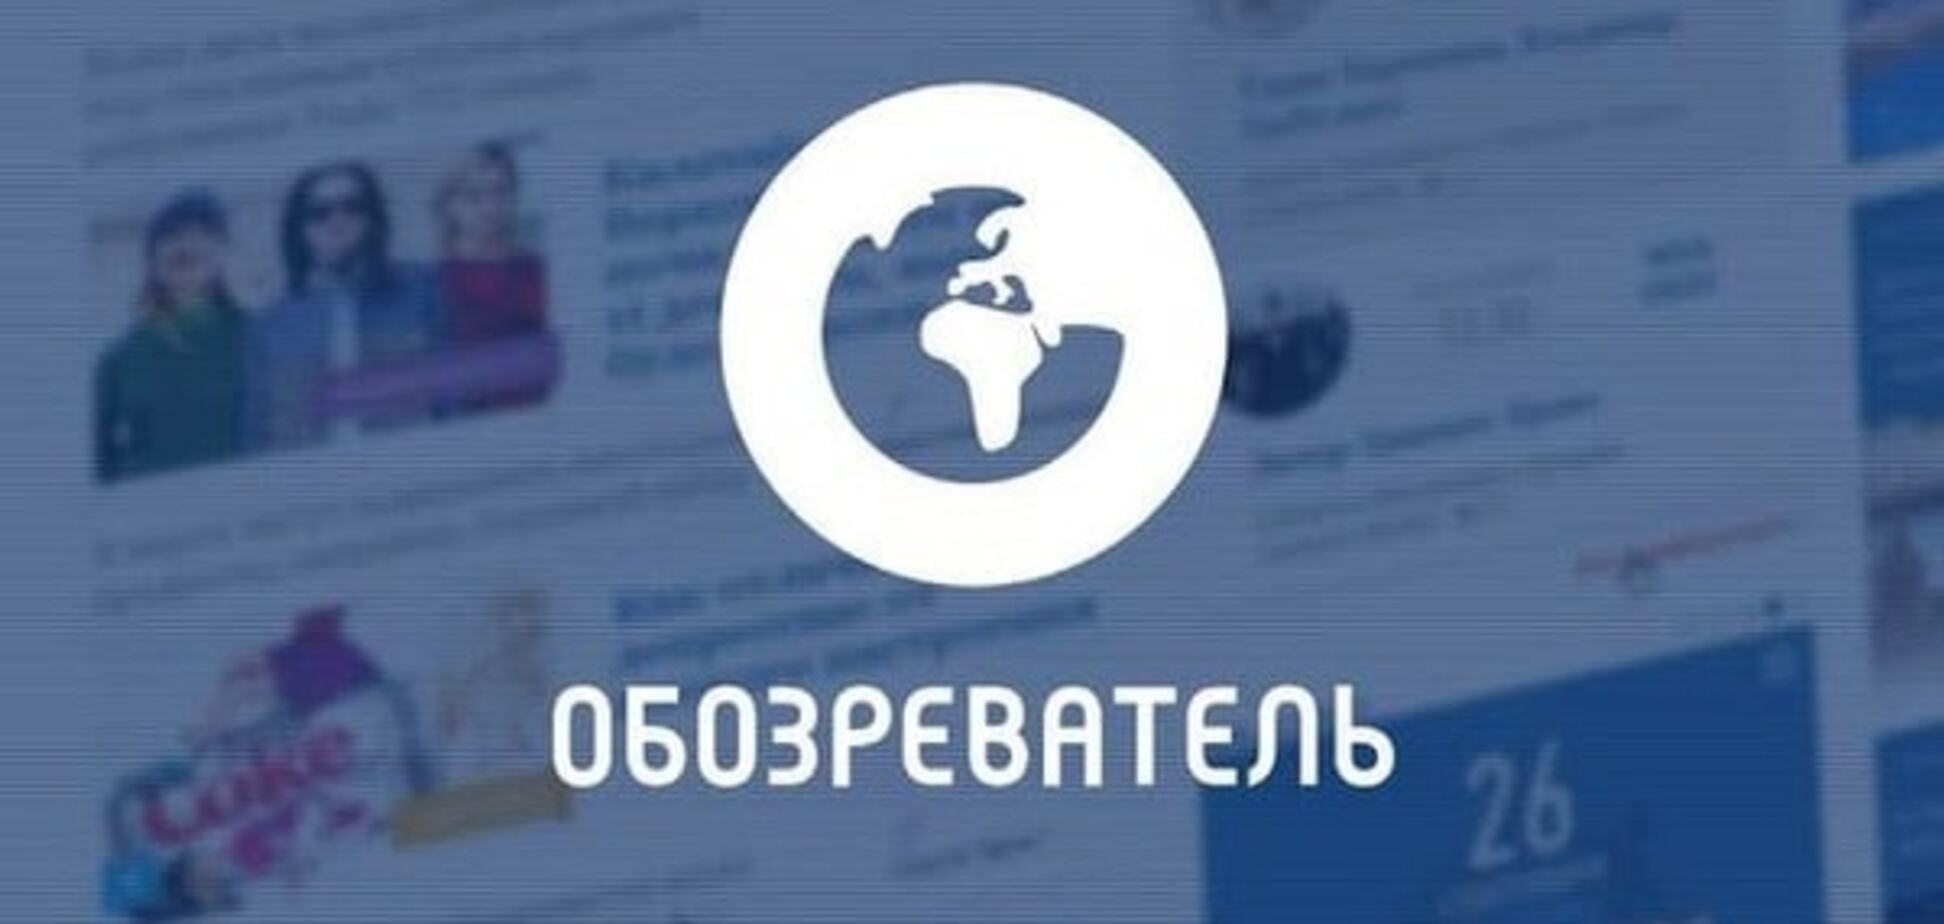 'ЛНР': о чем пишет 'Казачий вестник'?